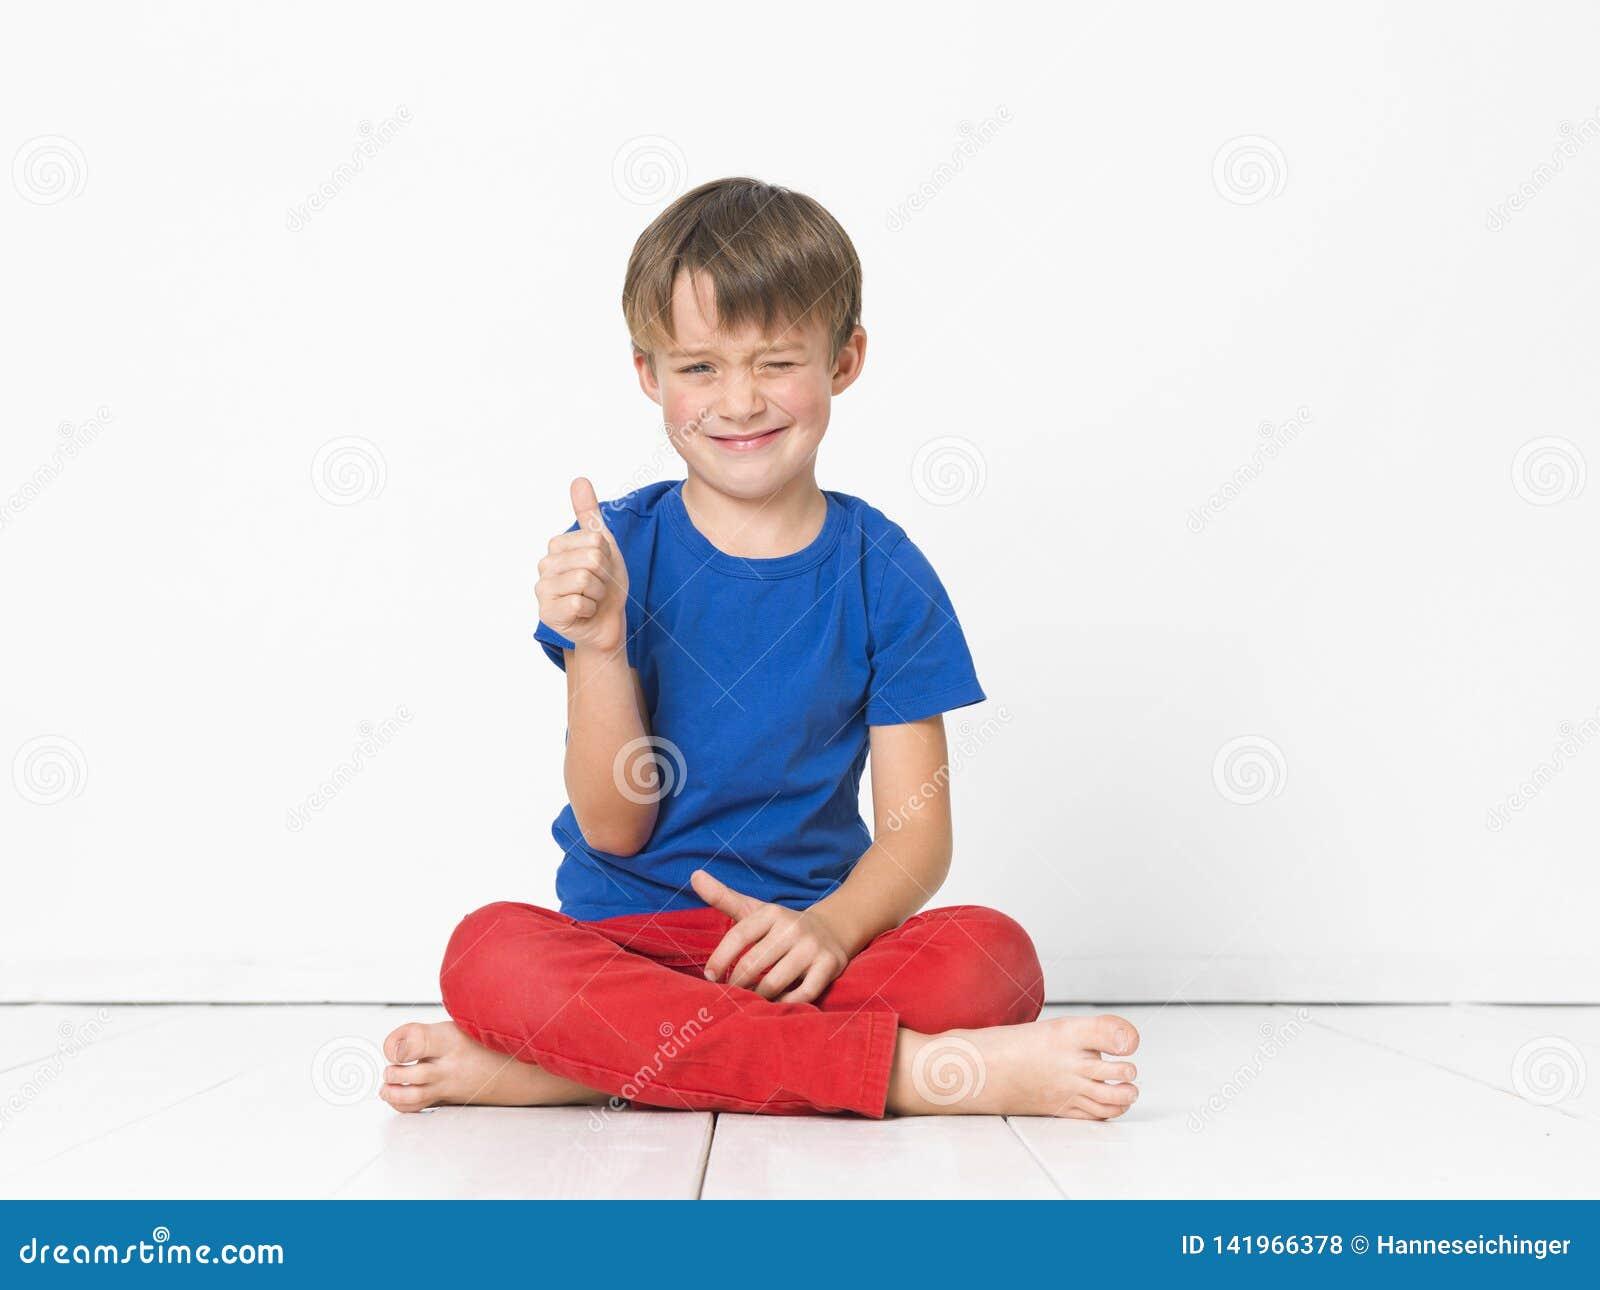 Kühler und netter und schöner sechs Jährigjunge mit roter Hose und blauem Hemd auf weißem Boden